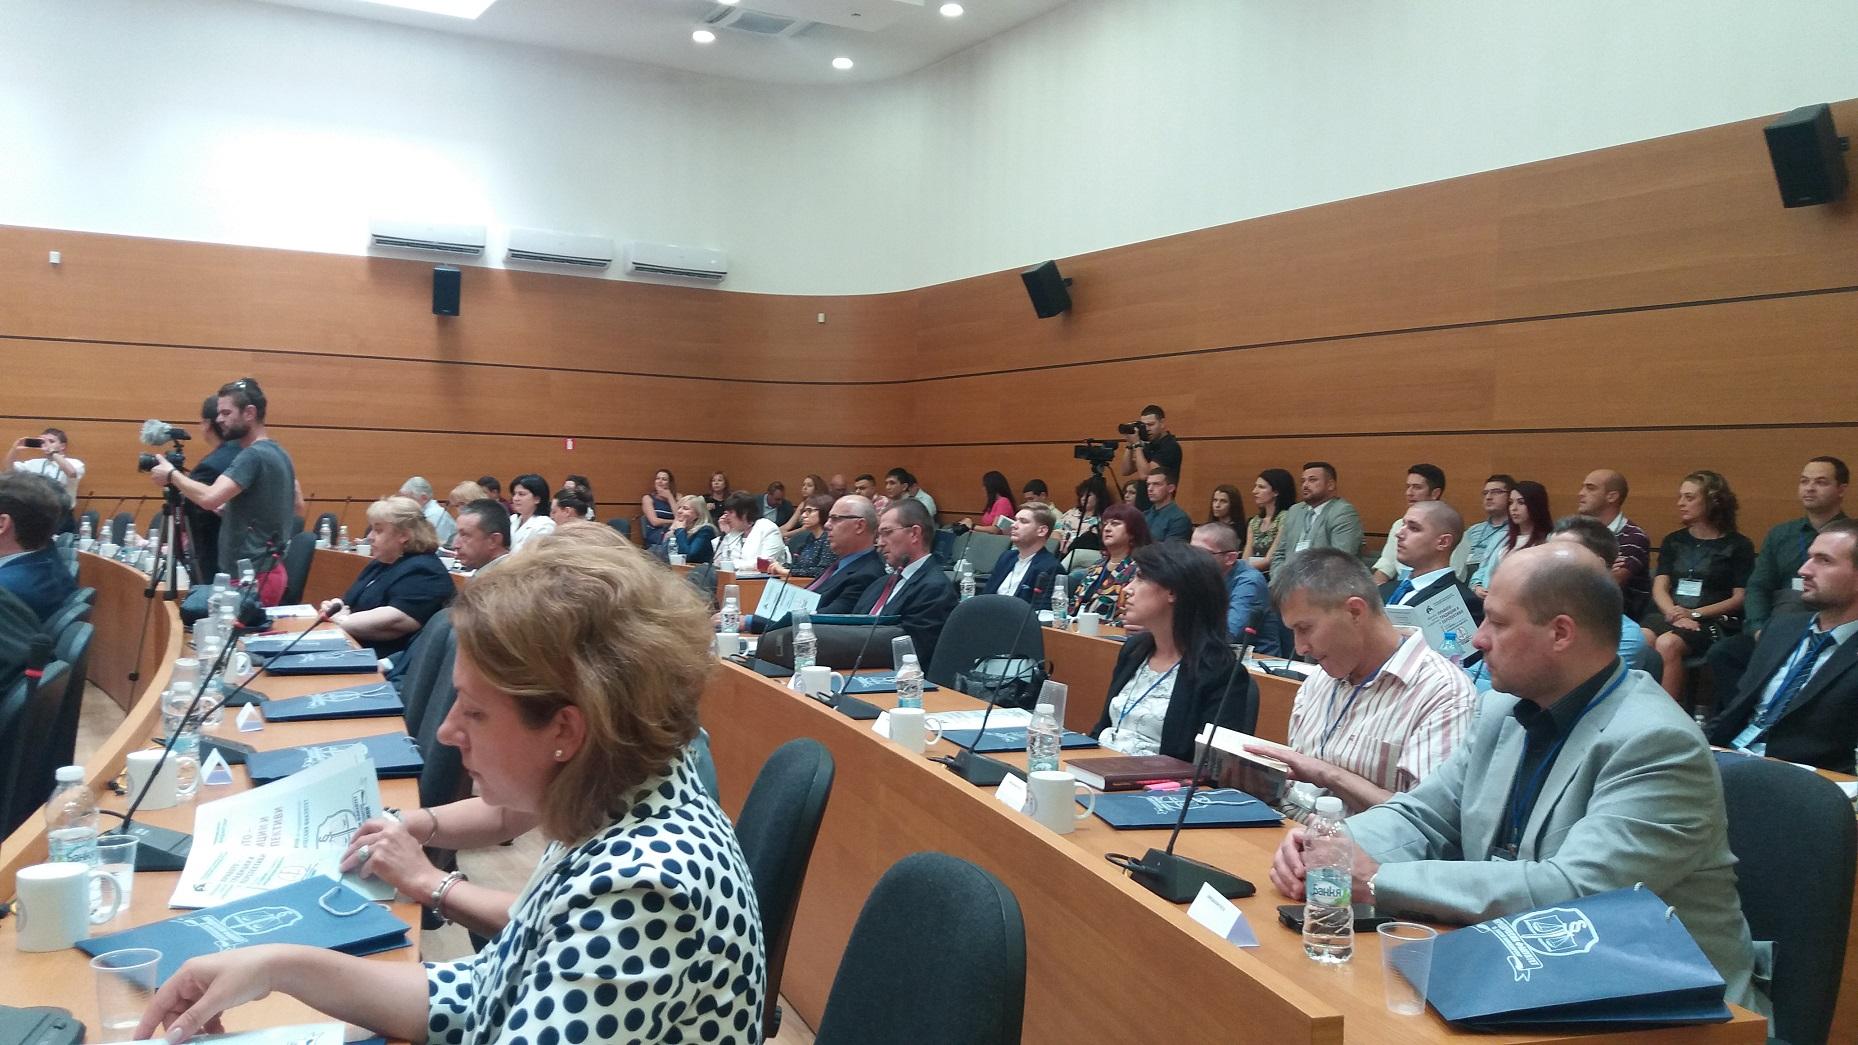 Oficialno-otkrivane-na-konferenciata-na-Yuridicheskia-fakultet-19-09-2017-02